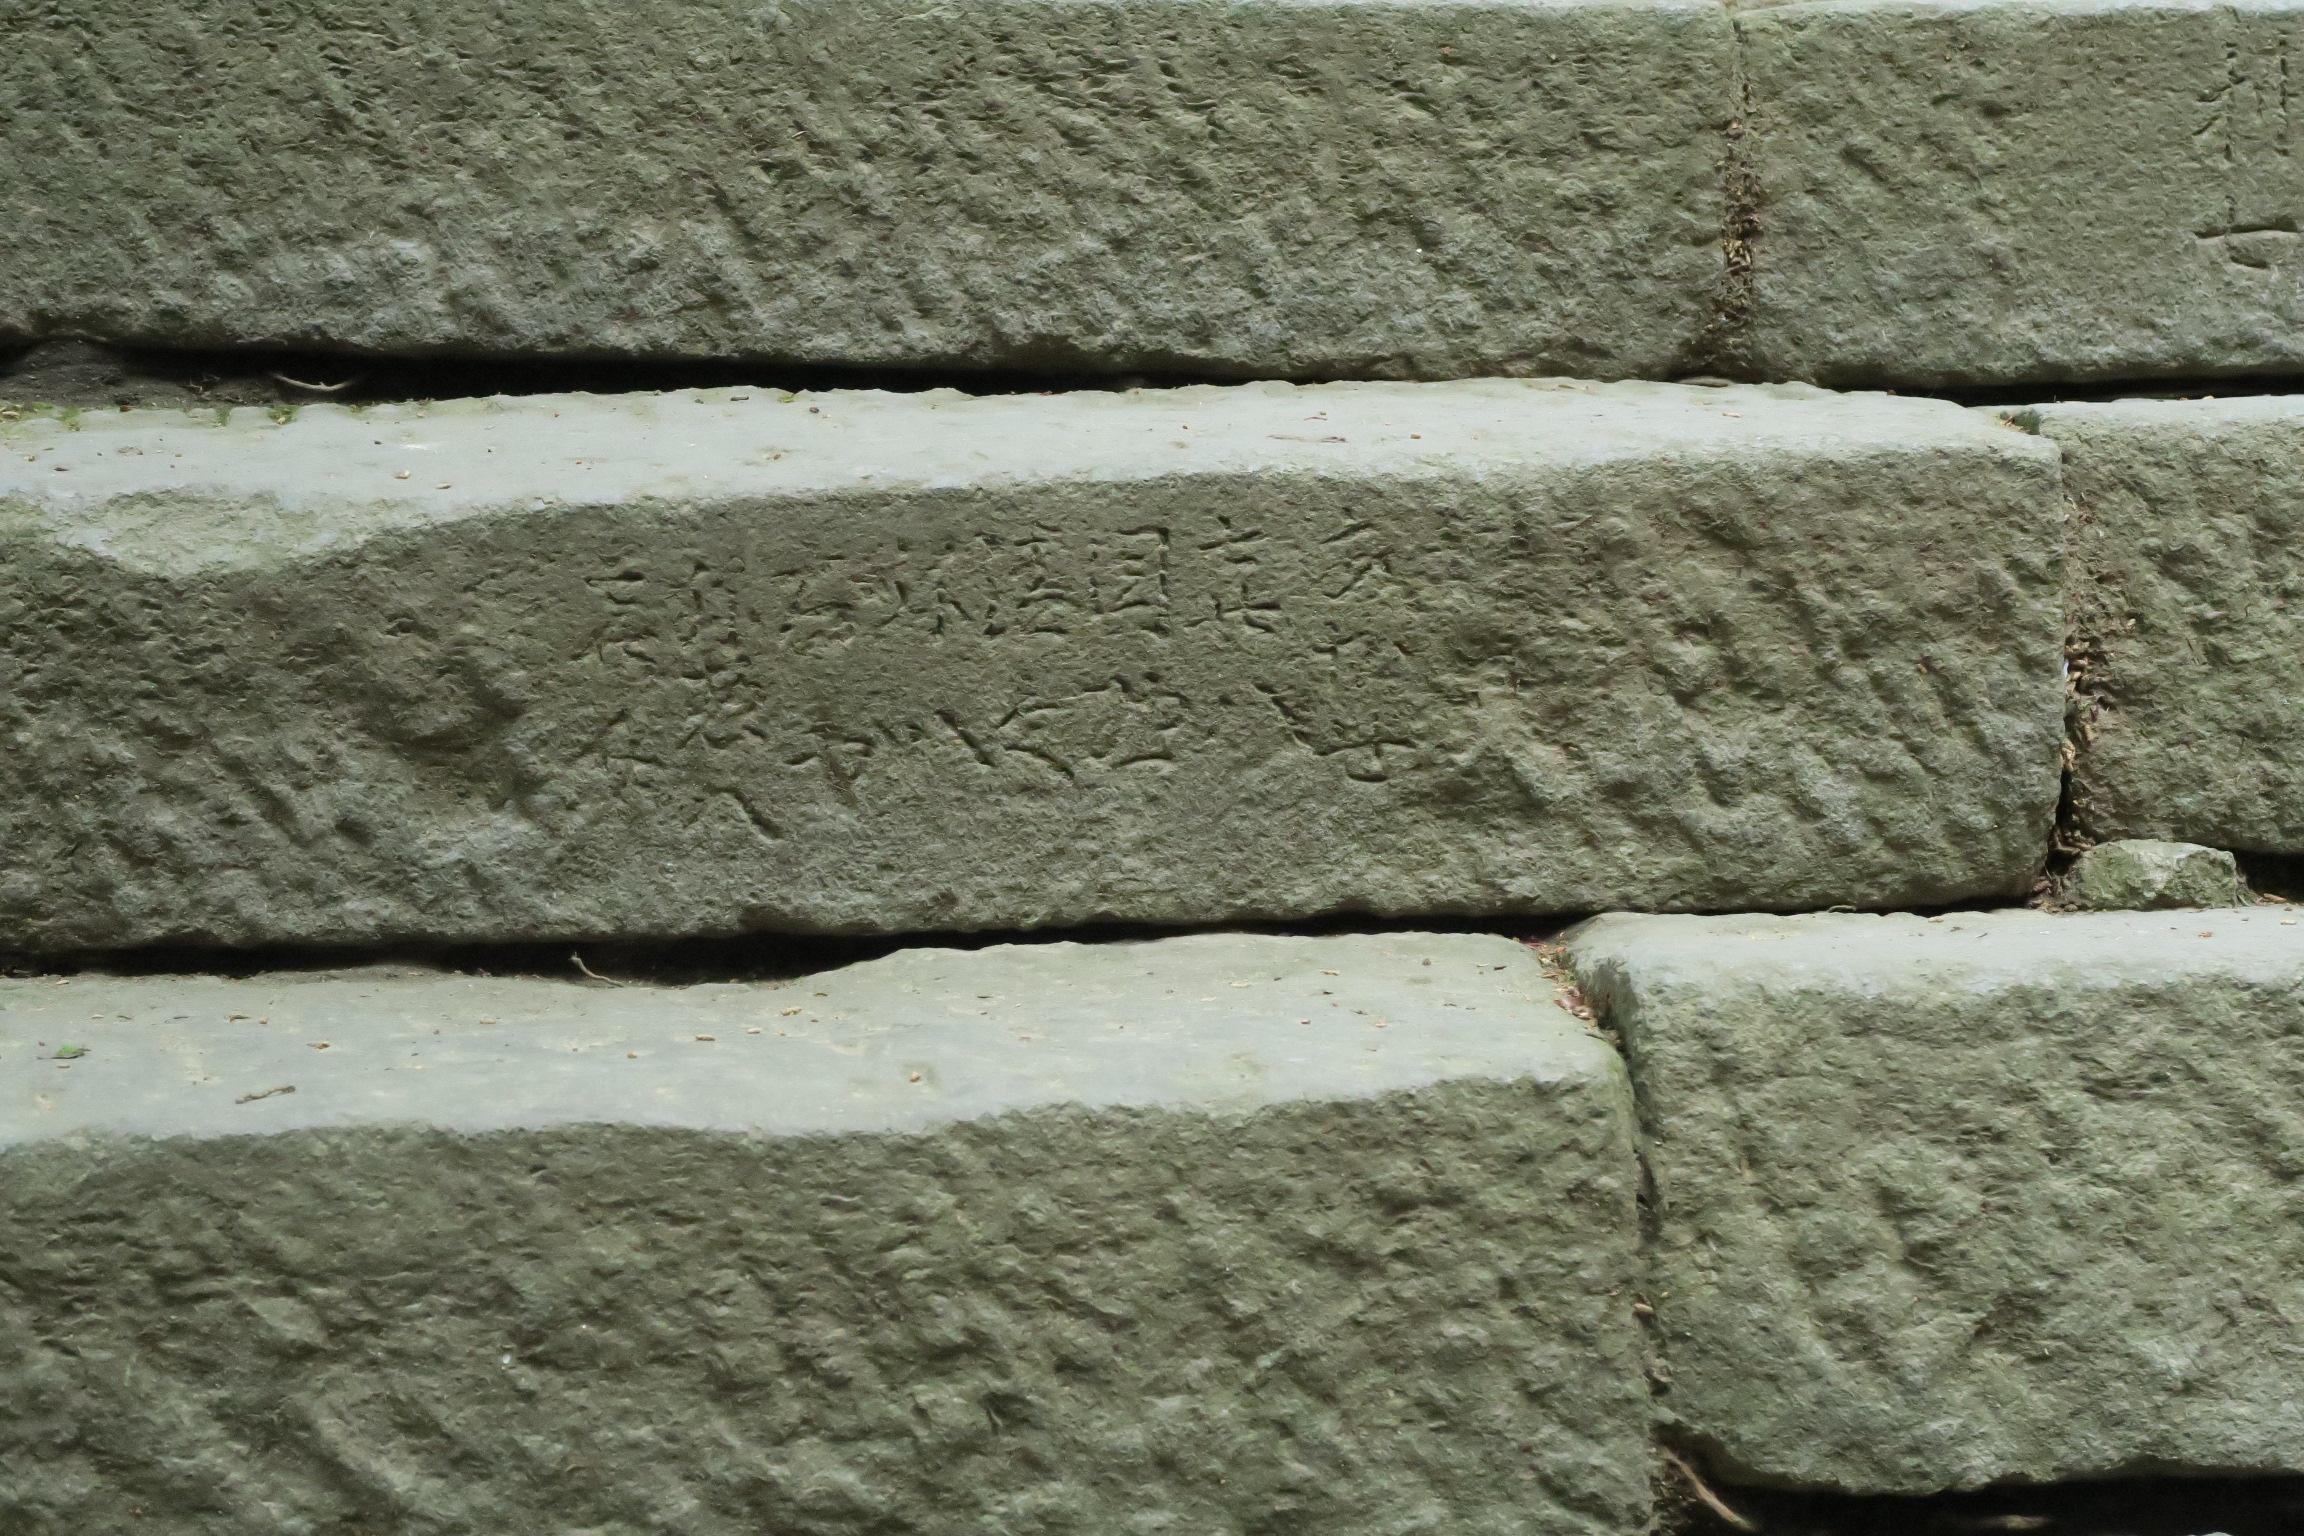 階段に文字が彫られていました。なんと書いてあるのでしょうね。